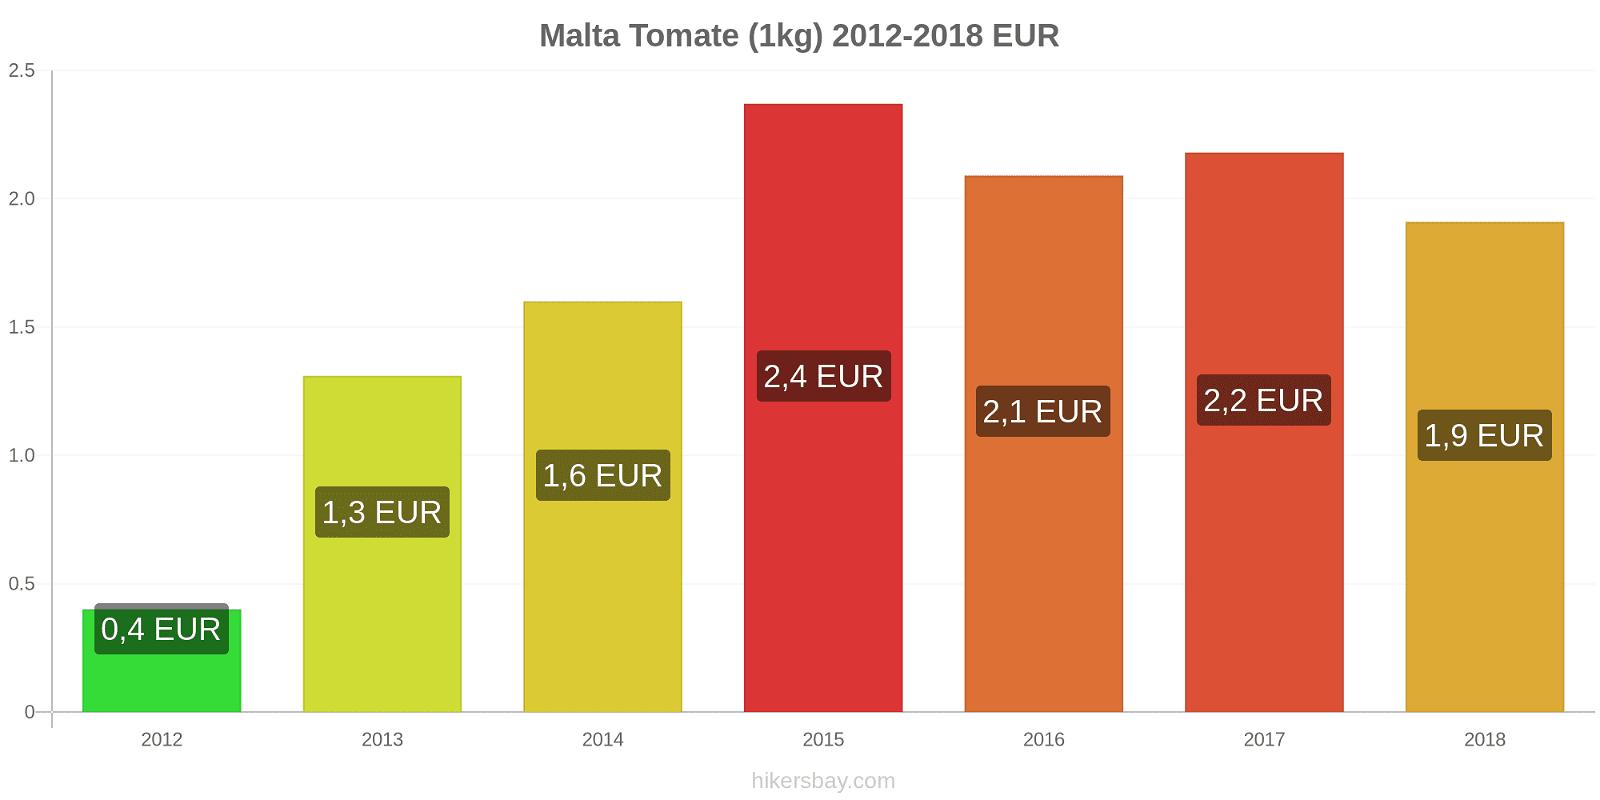 Malta modificări de preț Tomate (1kg) hikersbay.com